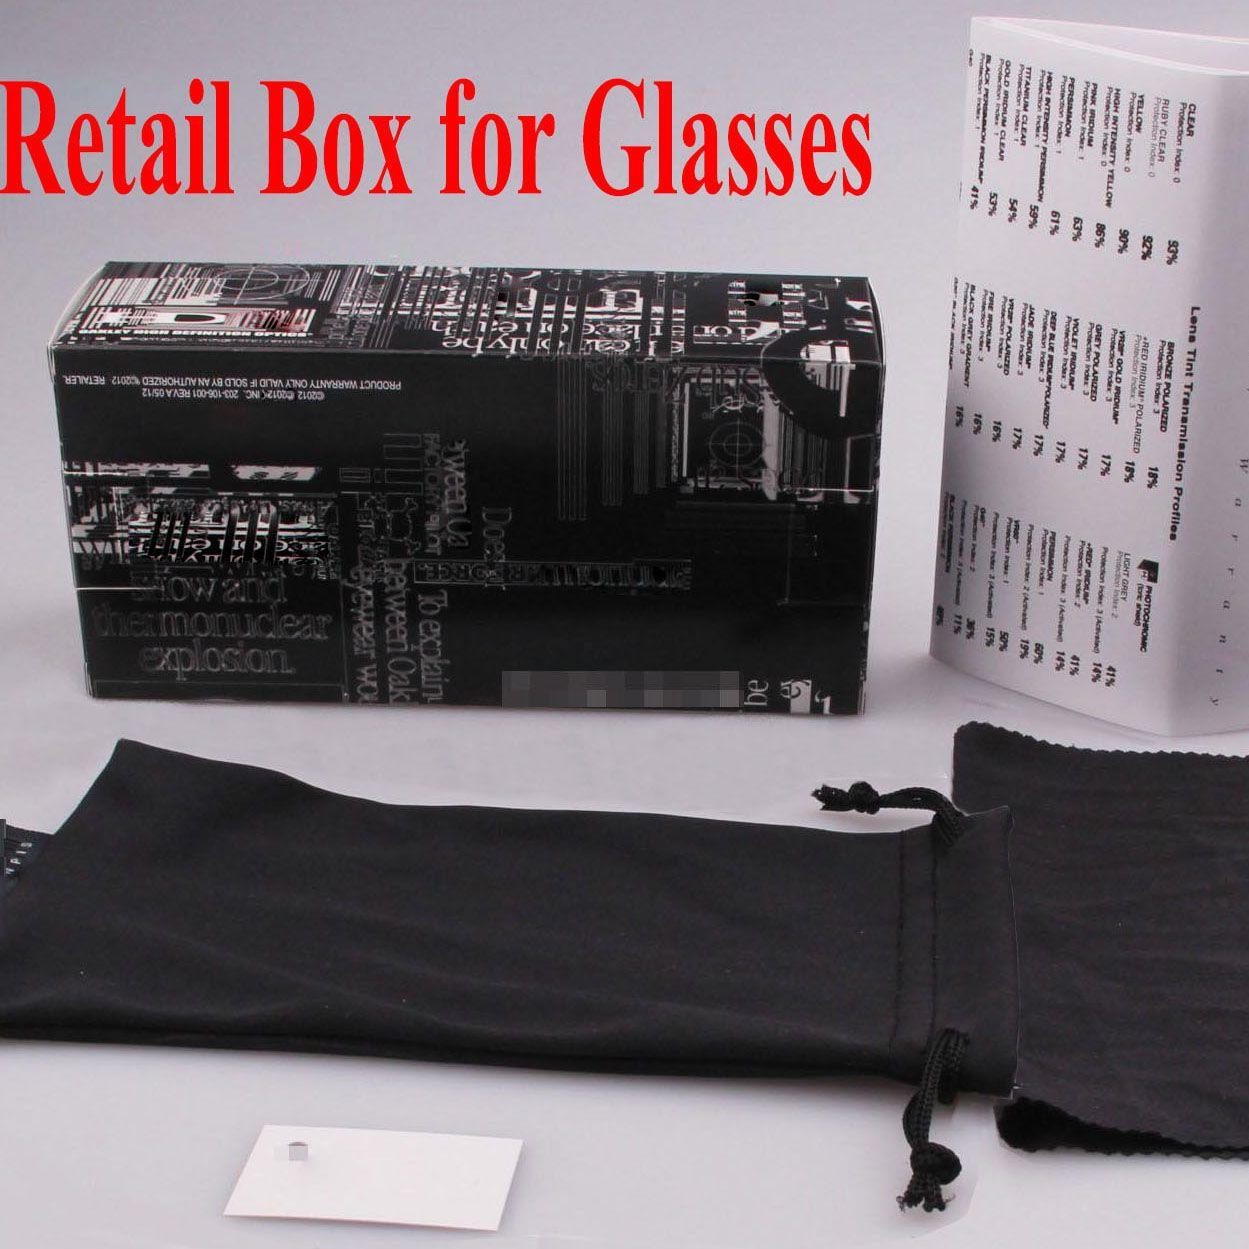 حزم البيع بالتجزئة النظارات الشمسية مع مربع ، وحالة ، والقماش ، وحزم تقوية سعر المصنع نوعية جيدة للنظارات العلامة التجارية